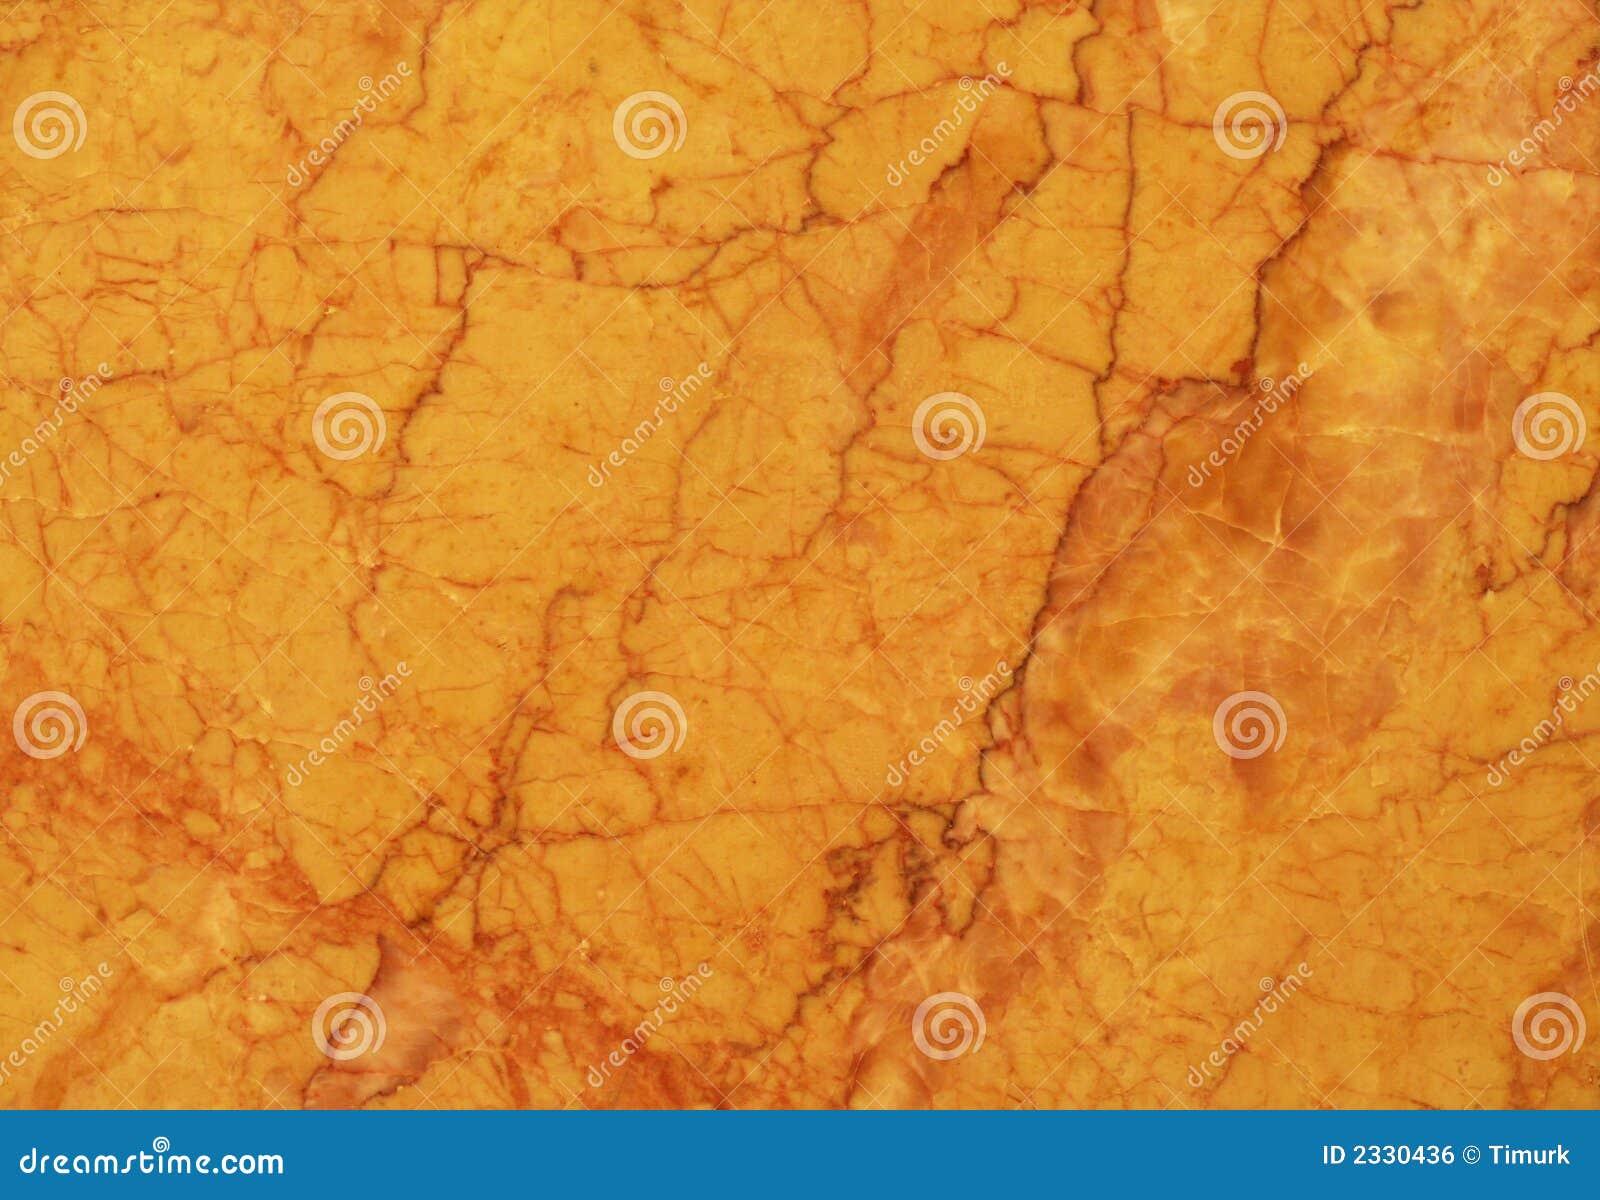 Textura de m rmol imagen de archivo libre de regal as for Imagenes de piedra marmol